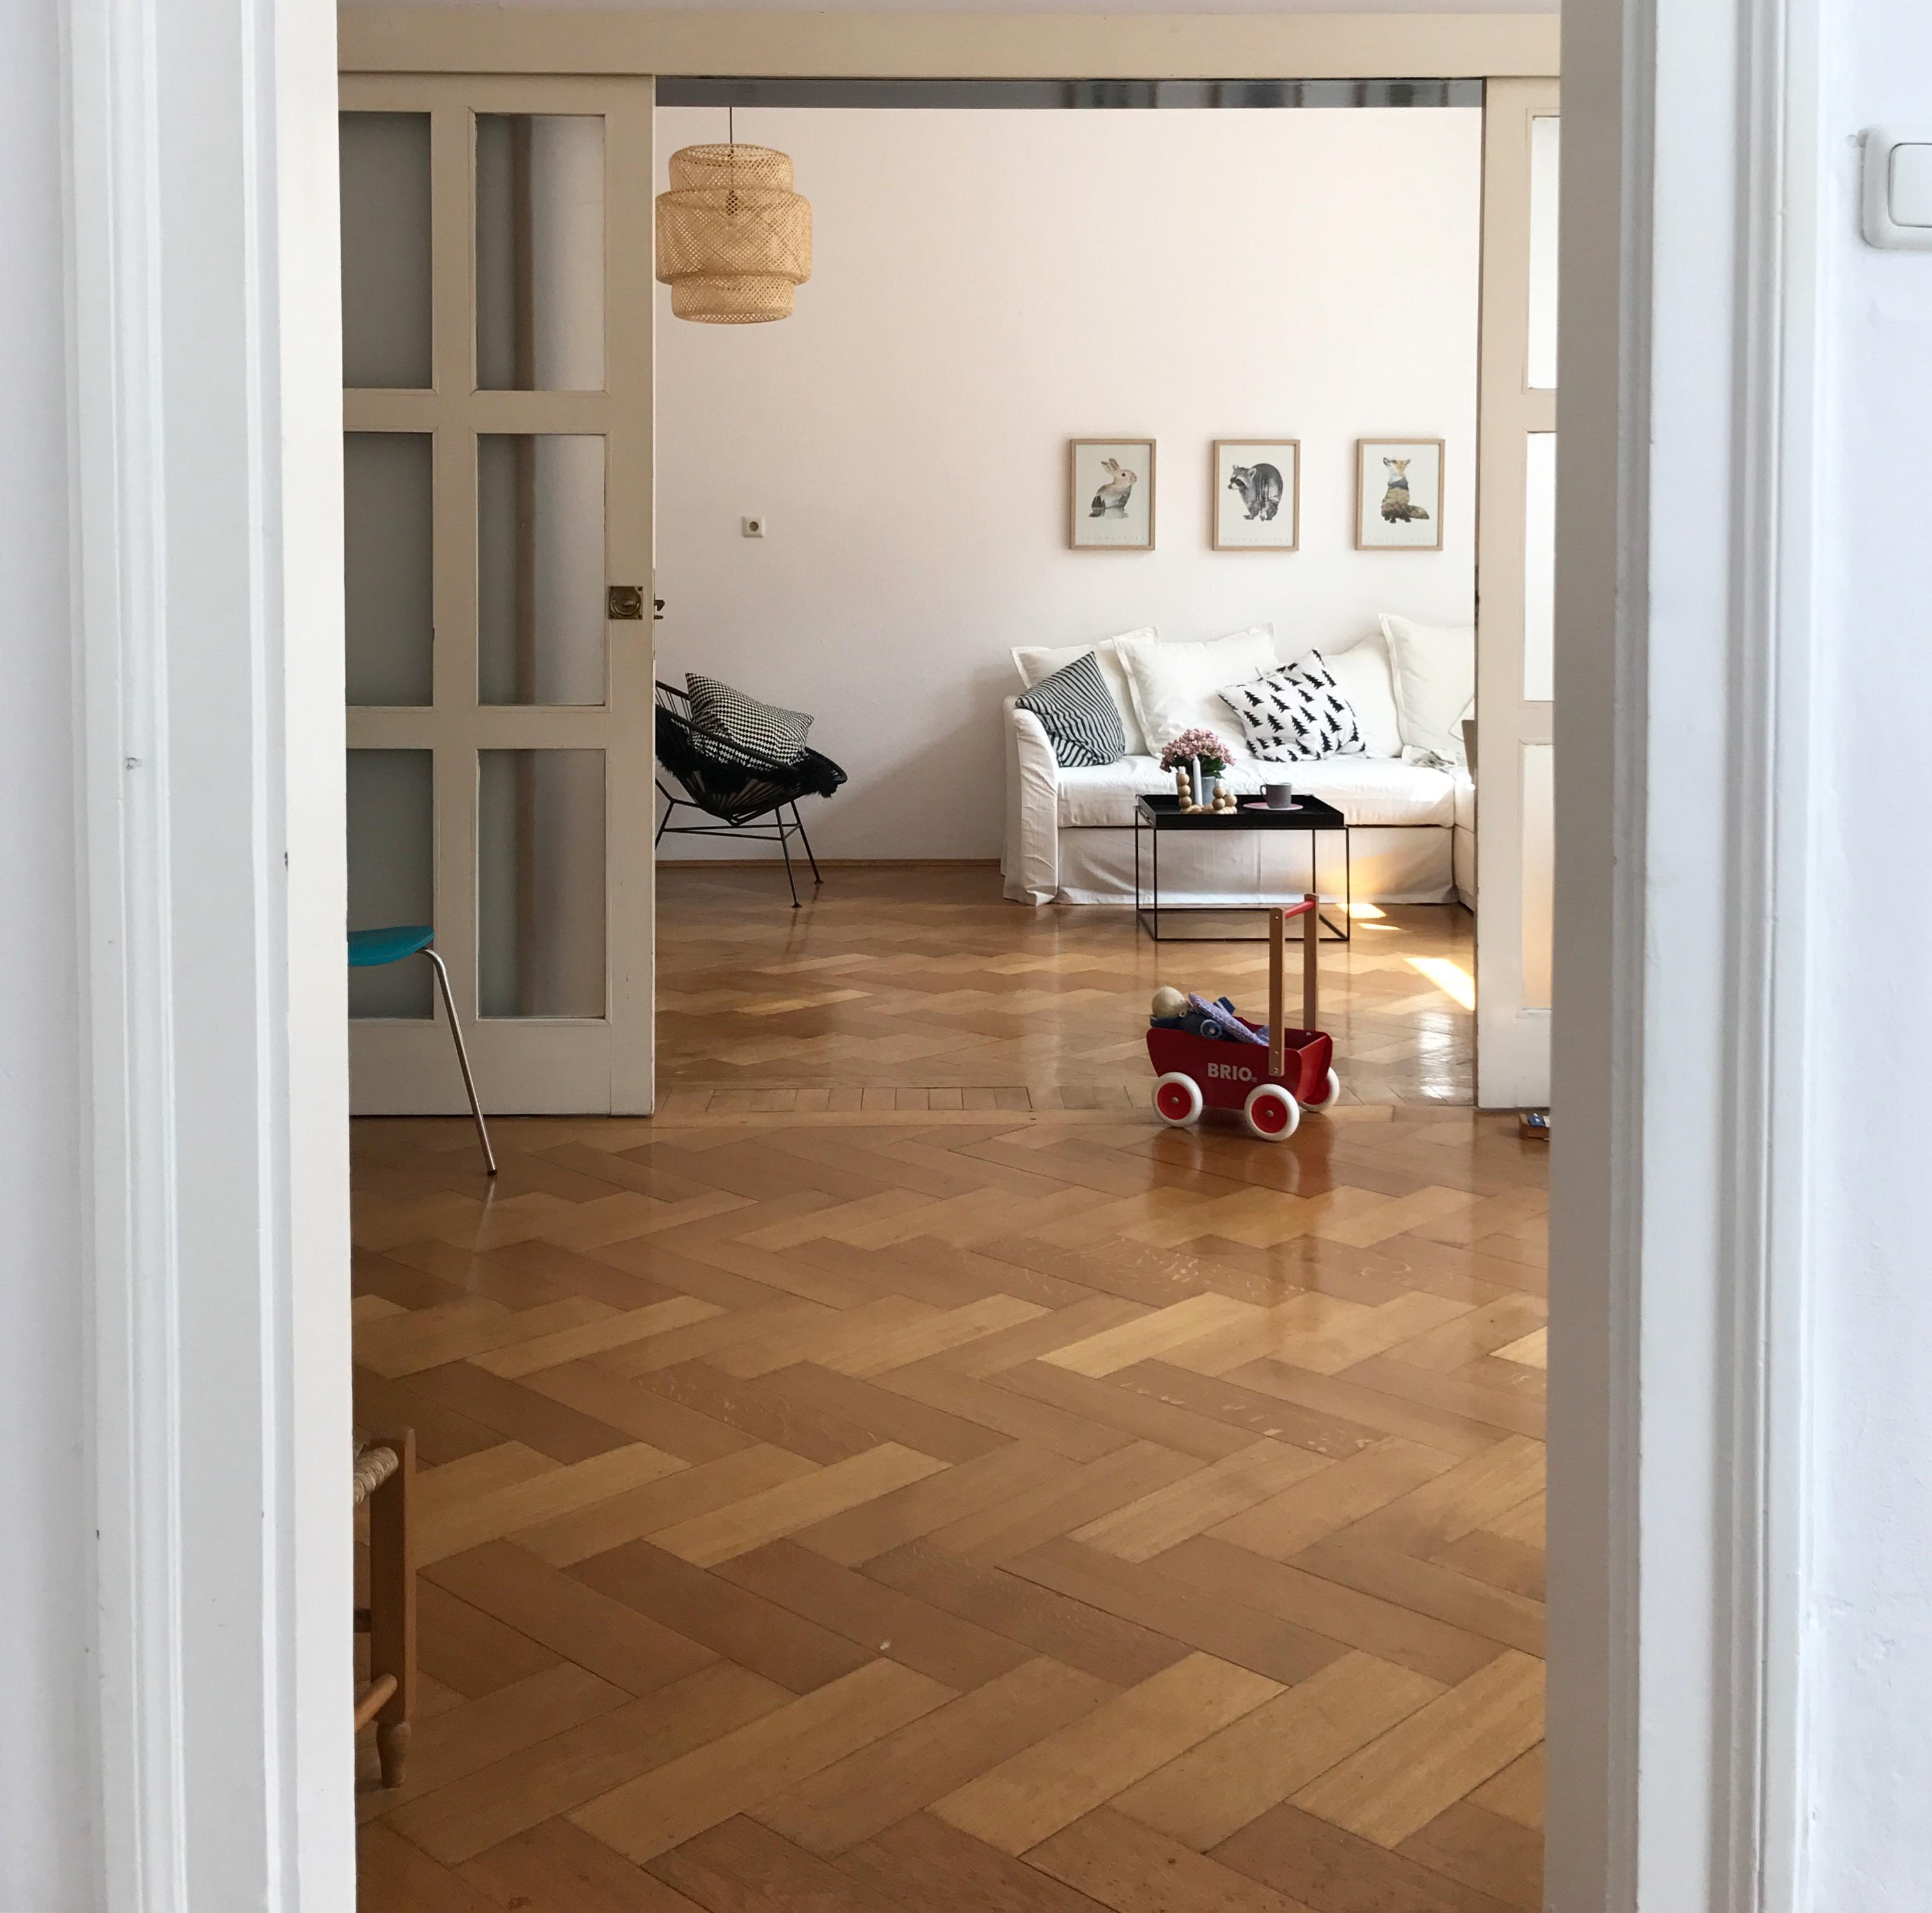 couchstyle wohnzimmer livingroom altbau altbauliebe myhome homeinspo